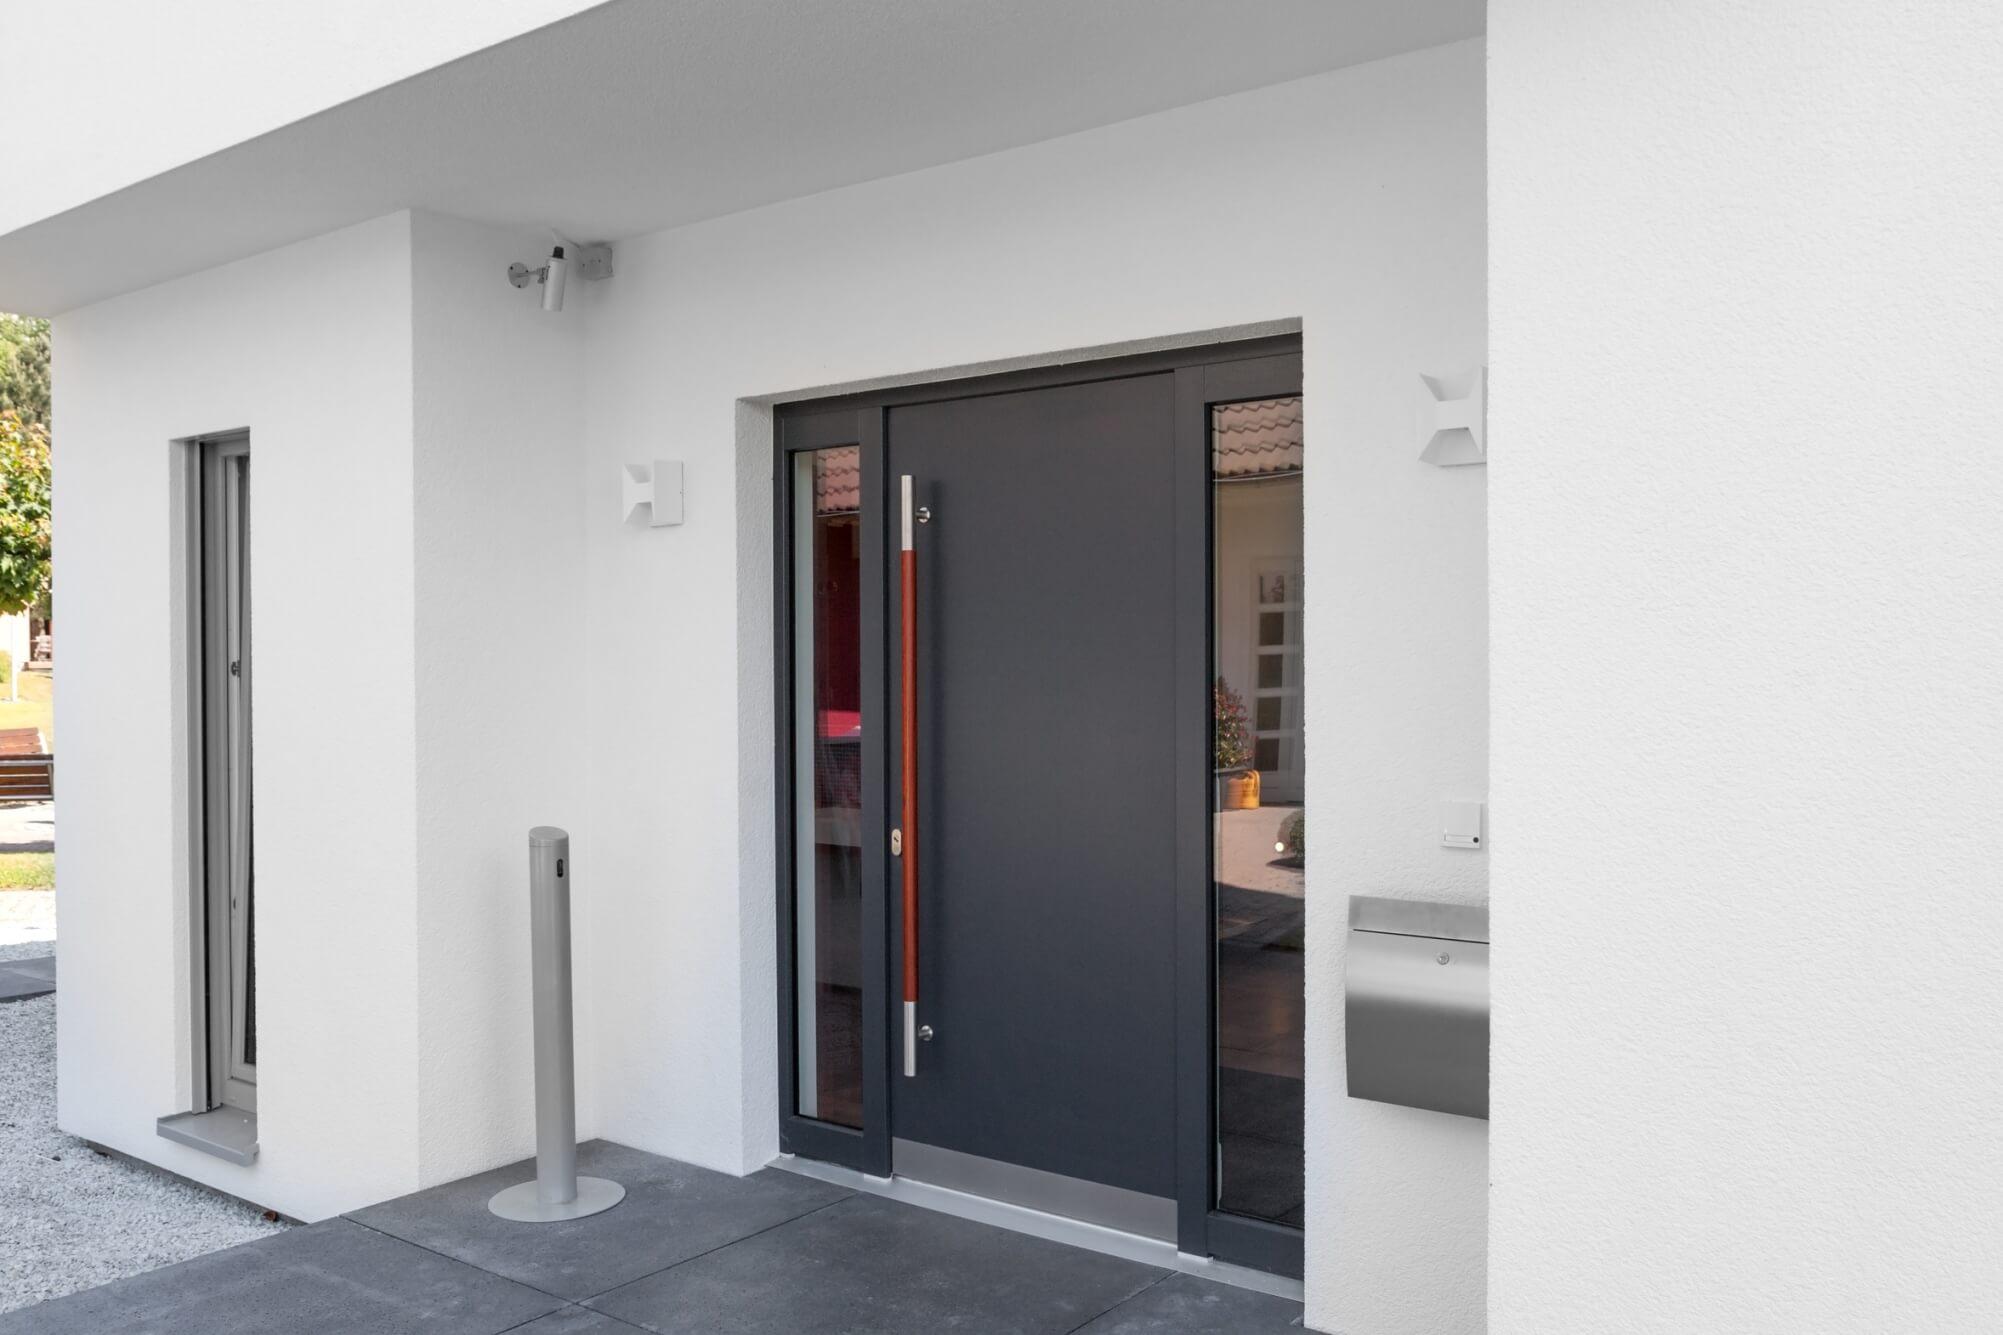 Porte d'entrée Hazebrouck (2)